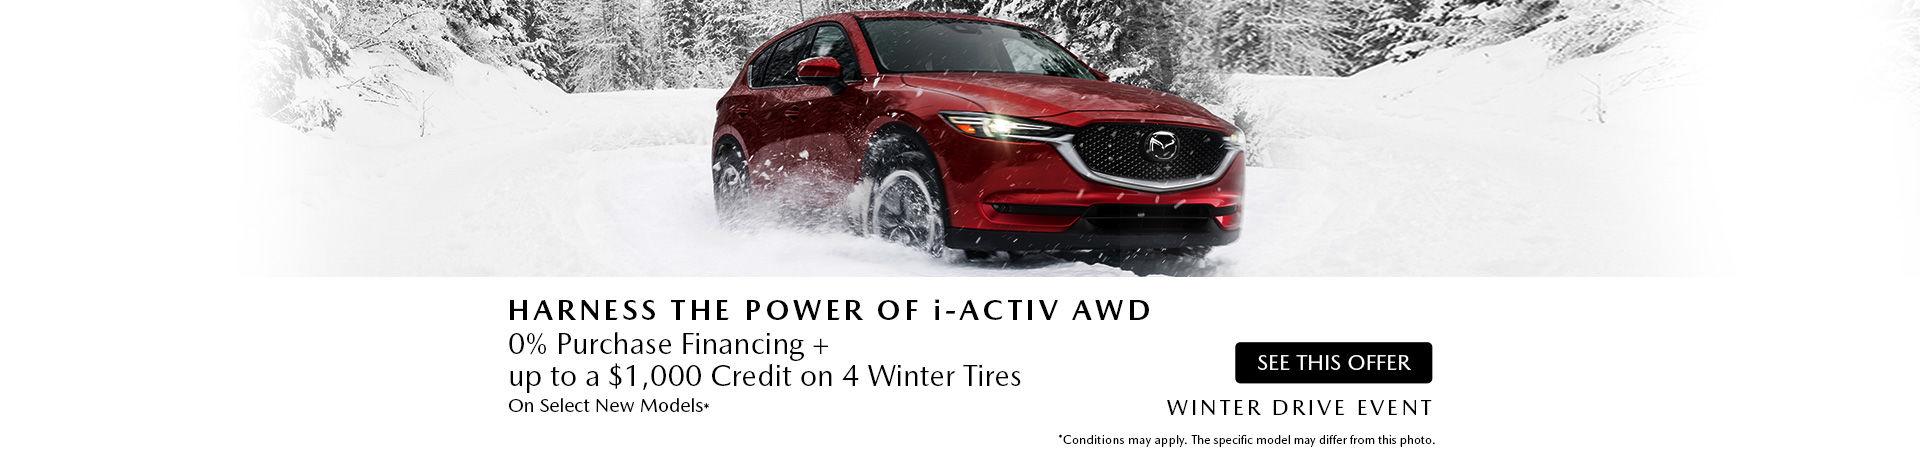 Mazda Winter Drive event